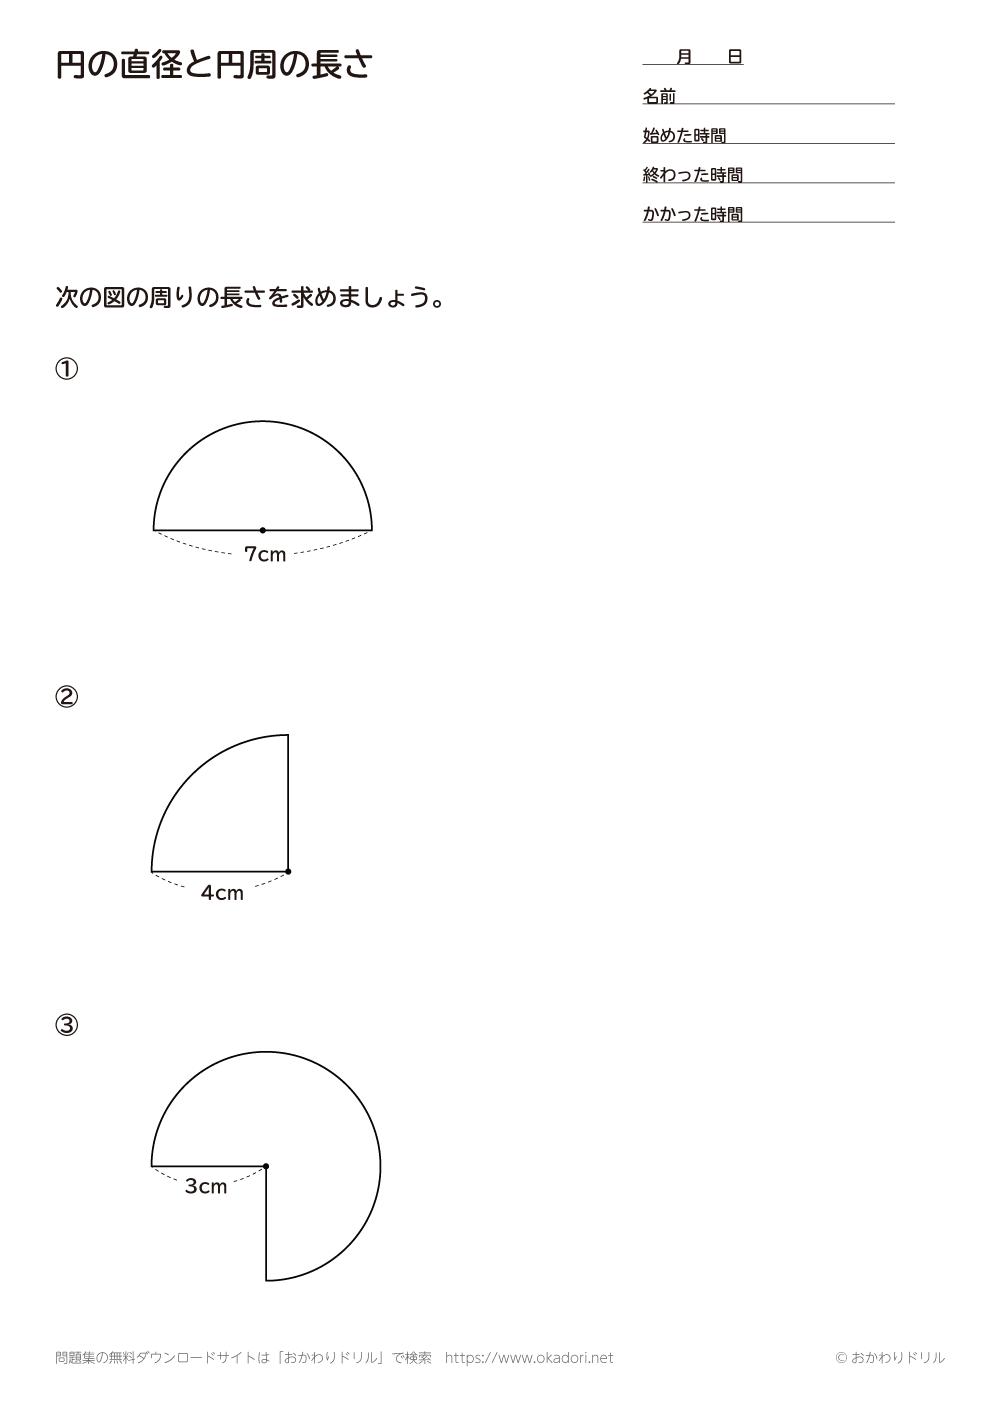 円の直径と円周の長さ3